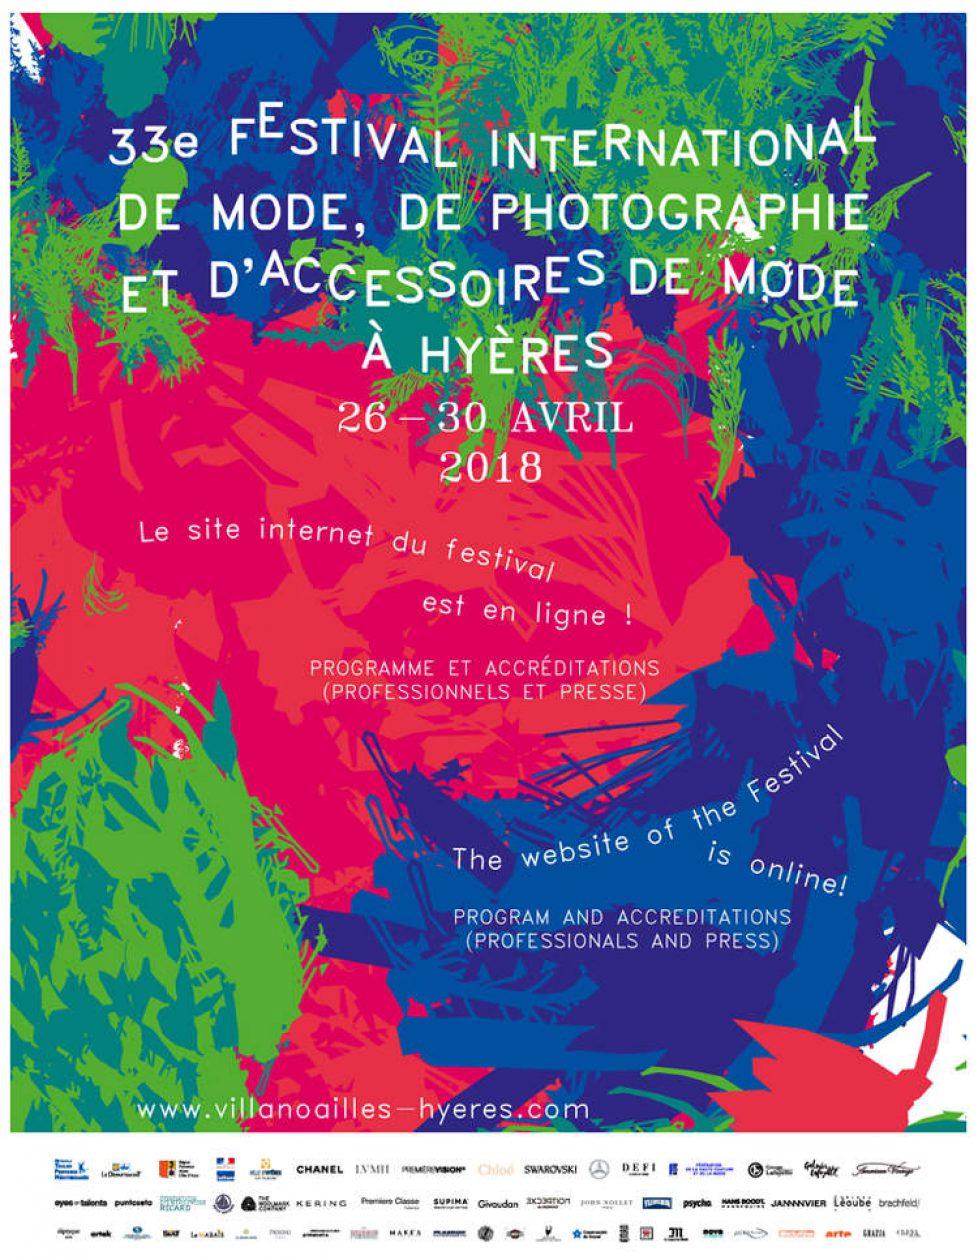 ob_0082ef_33e-festival-international-hyeres-mode